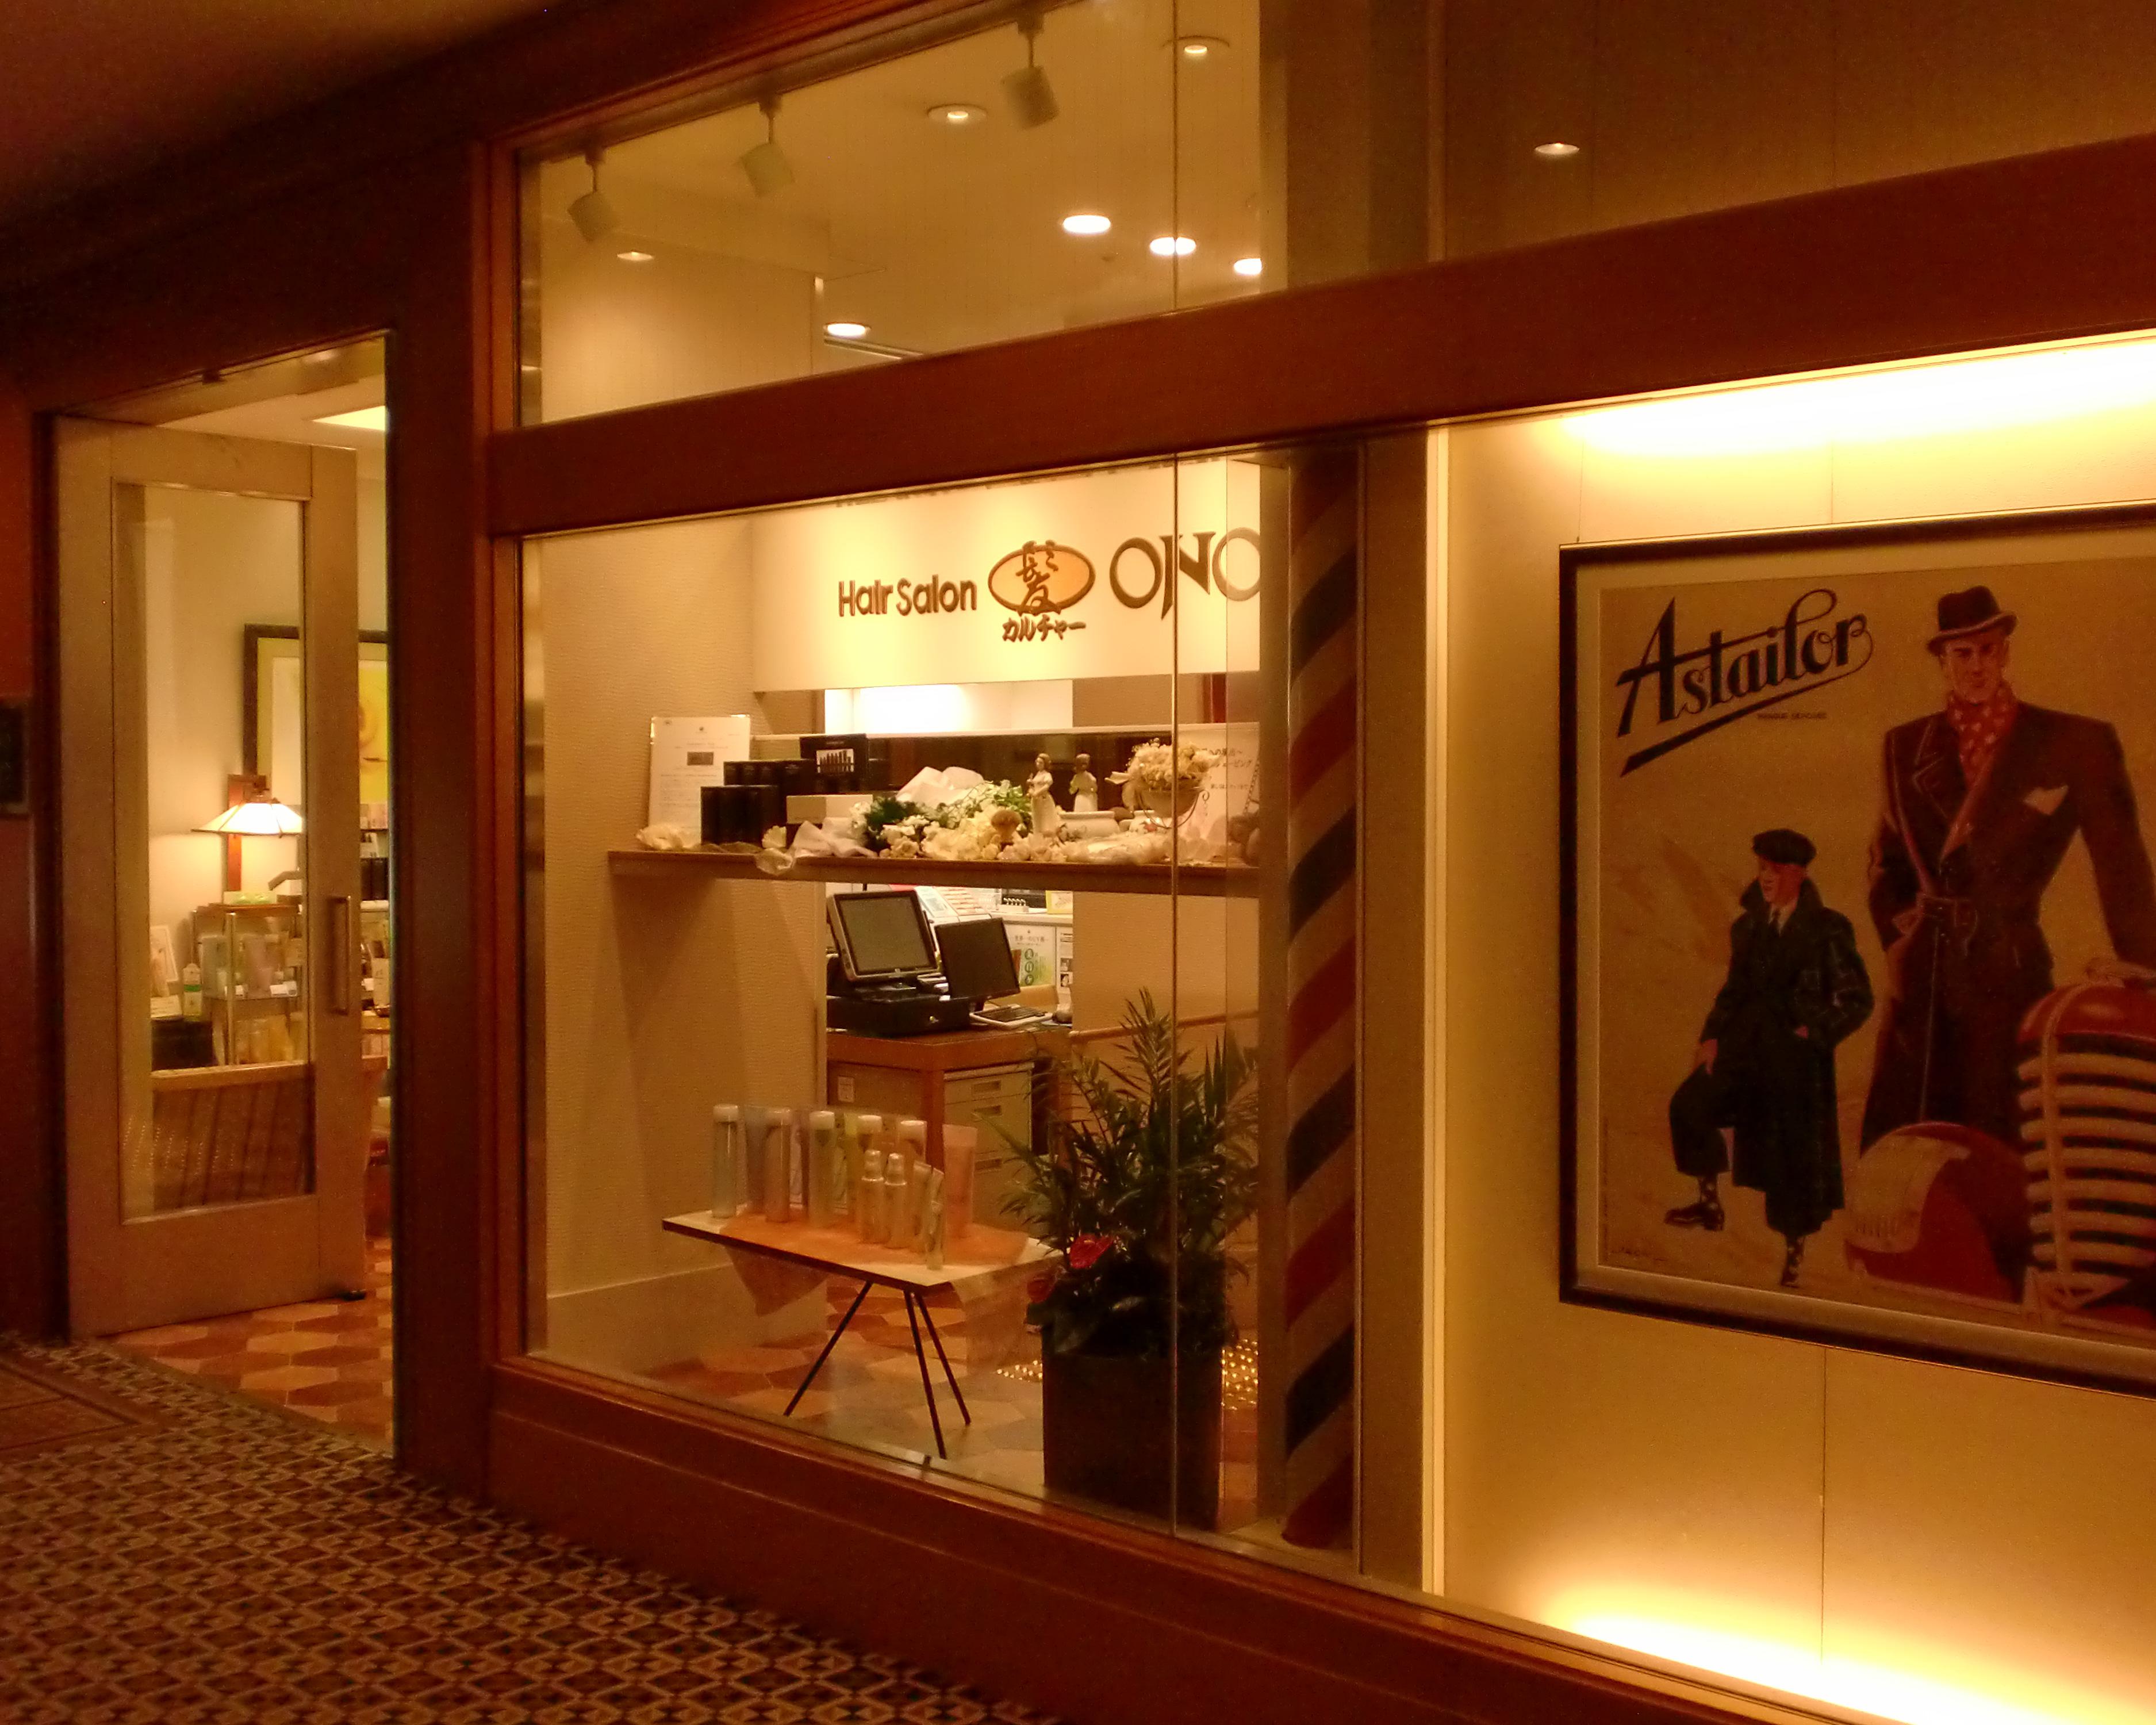 ヘアサロン大野 帝国ホテル大阪店